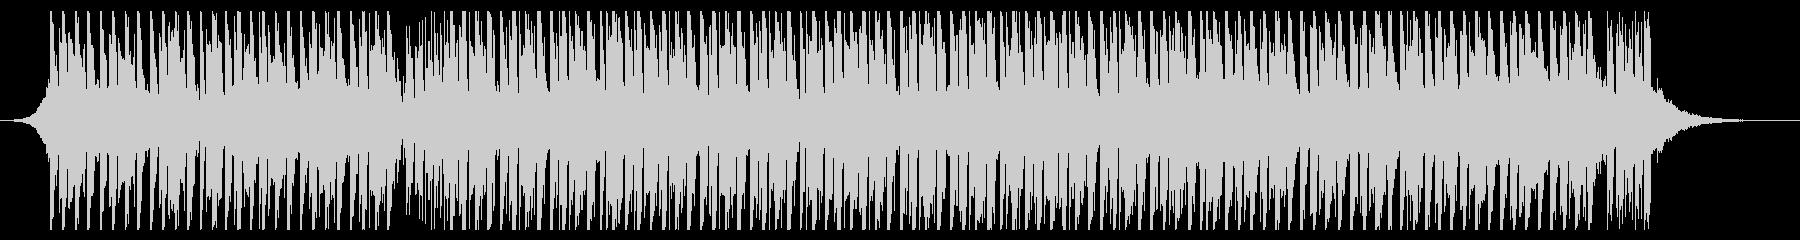 ダンスミュージック(ショート1)の未再生の波形